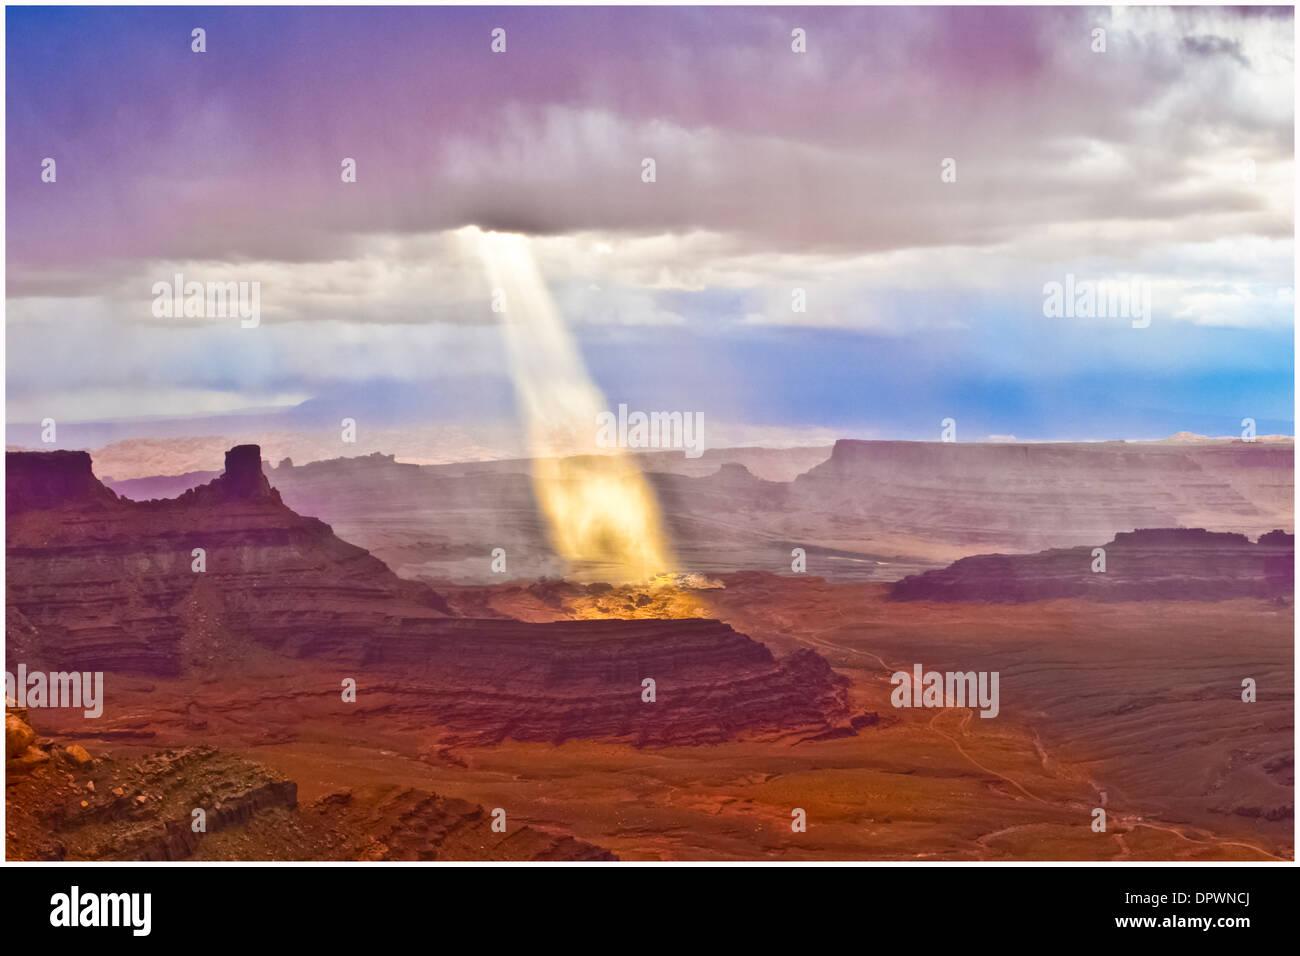 Rayons de lumière perce les nuages Colorado River vu de Dead Horse Point State Park en Utah matin suite orage Photo Stock